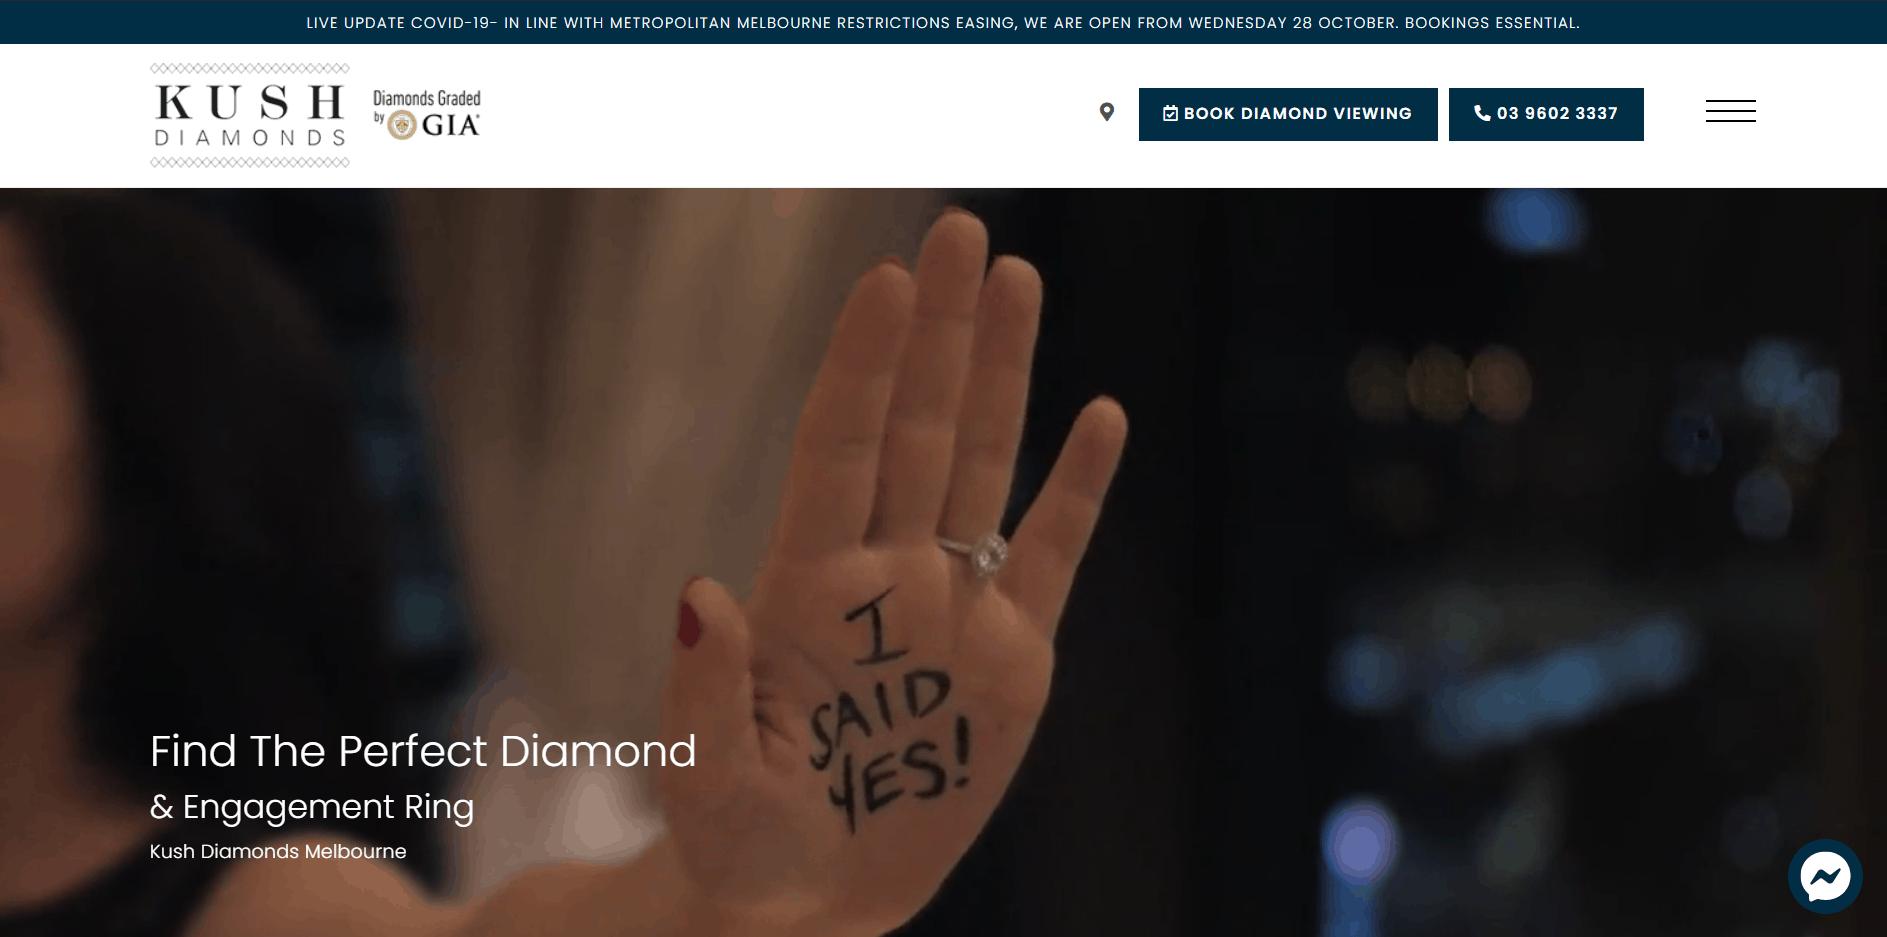 Kush Diamonds